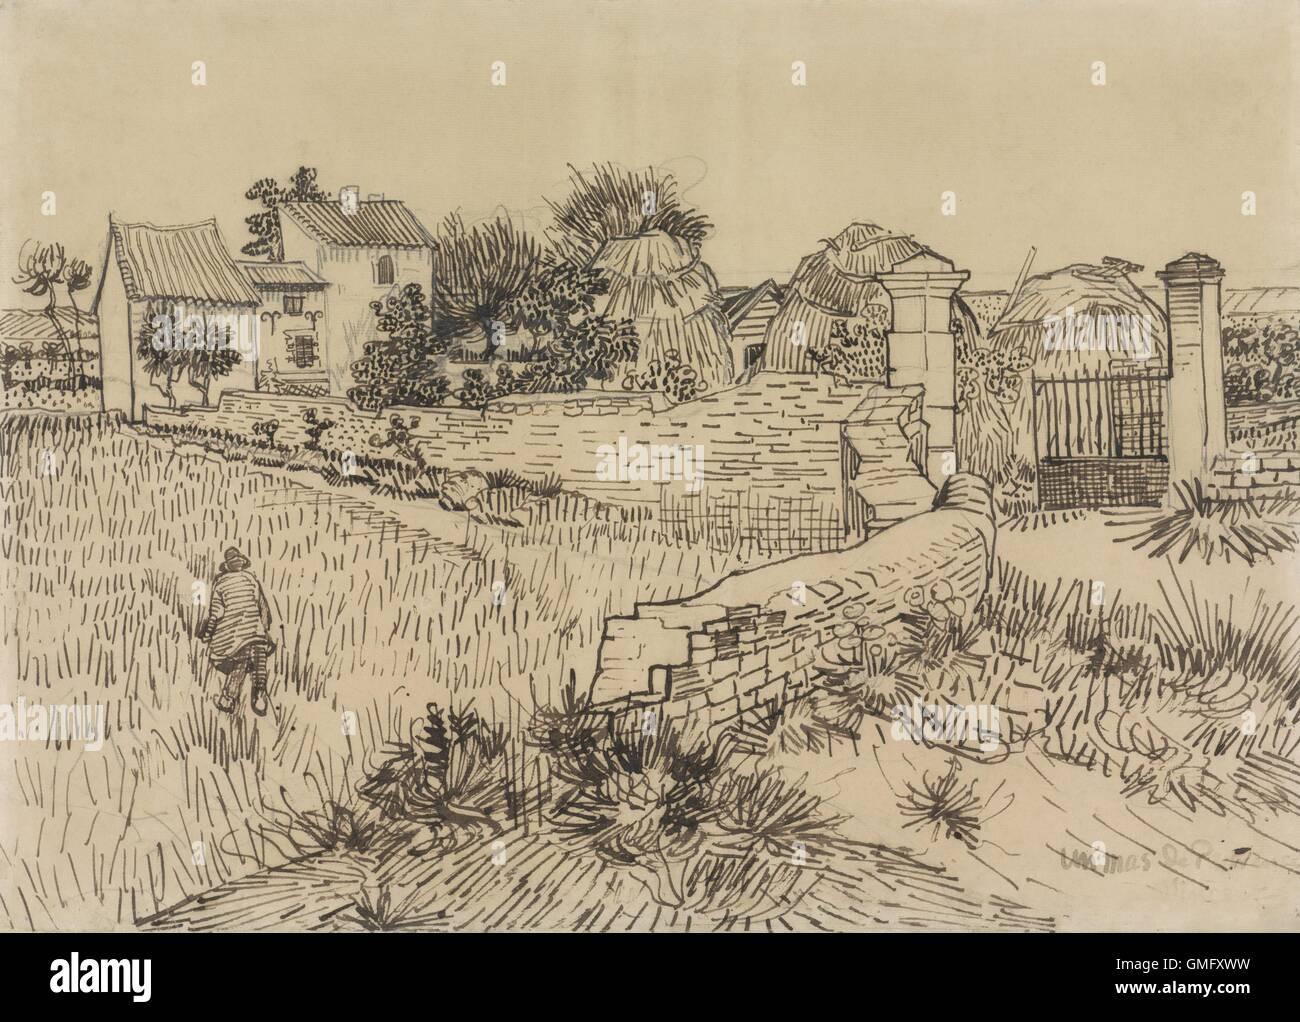 Bauernhof in der Provence, von Vincent Van Gogh, c. 1888, niederländische Zeichnung, Bleistift, Feder und Tinte Stockfoto